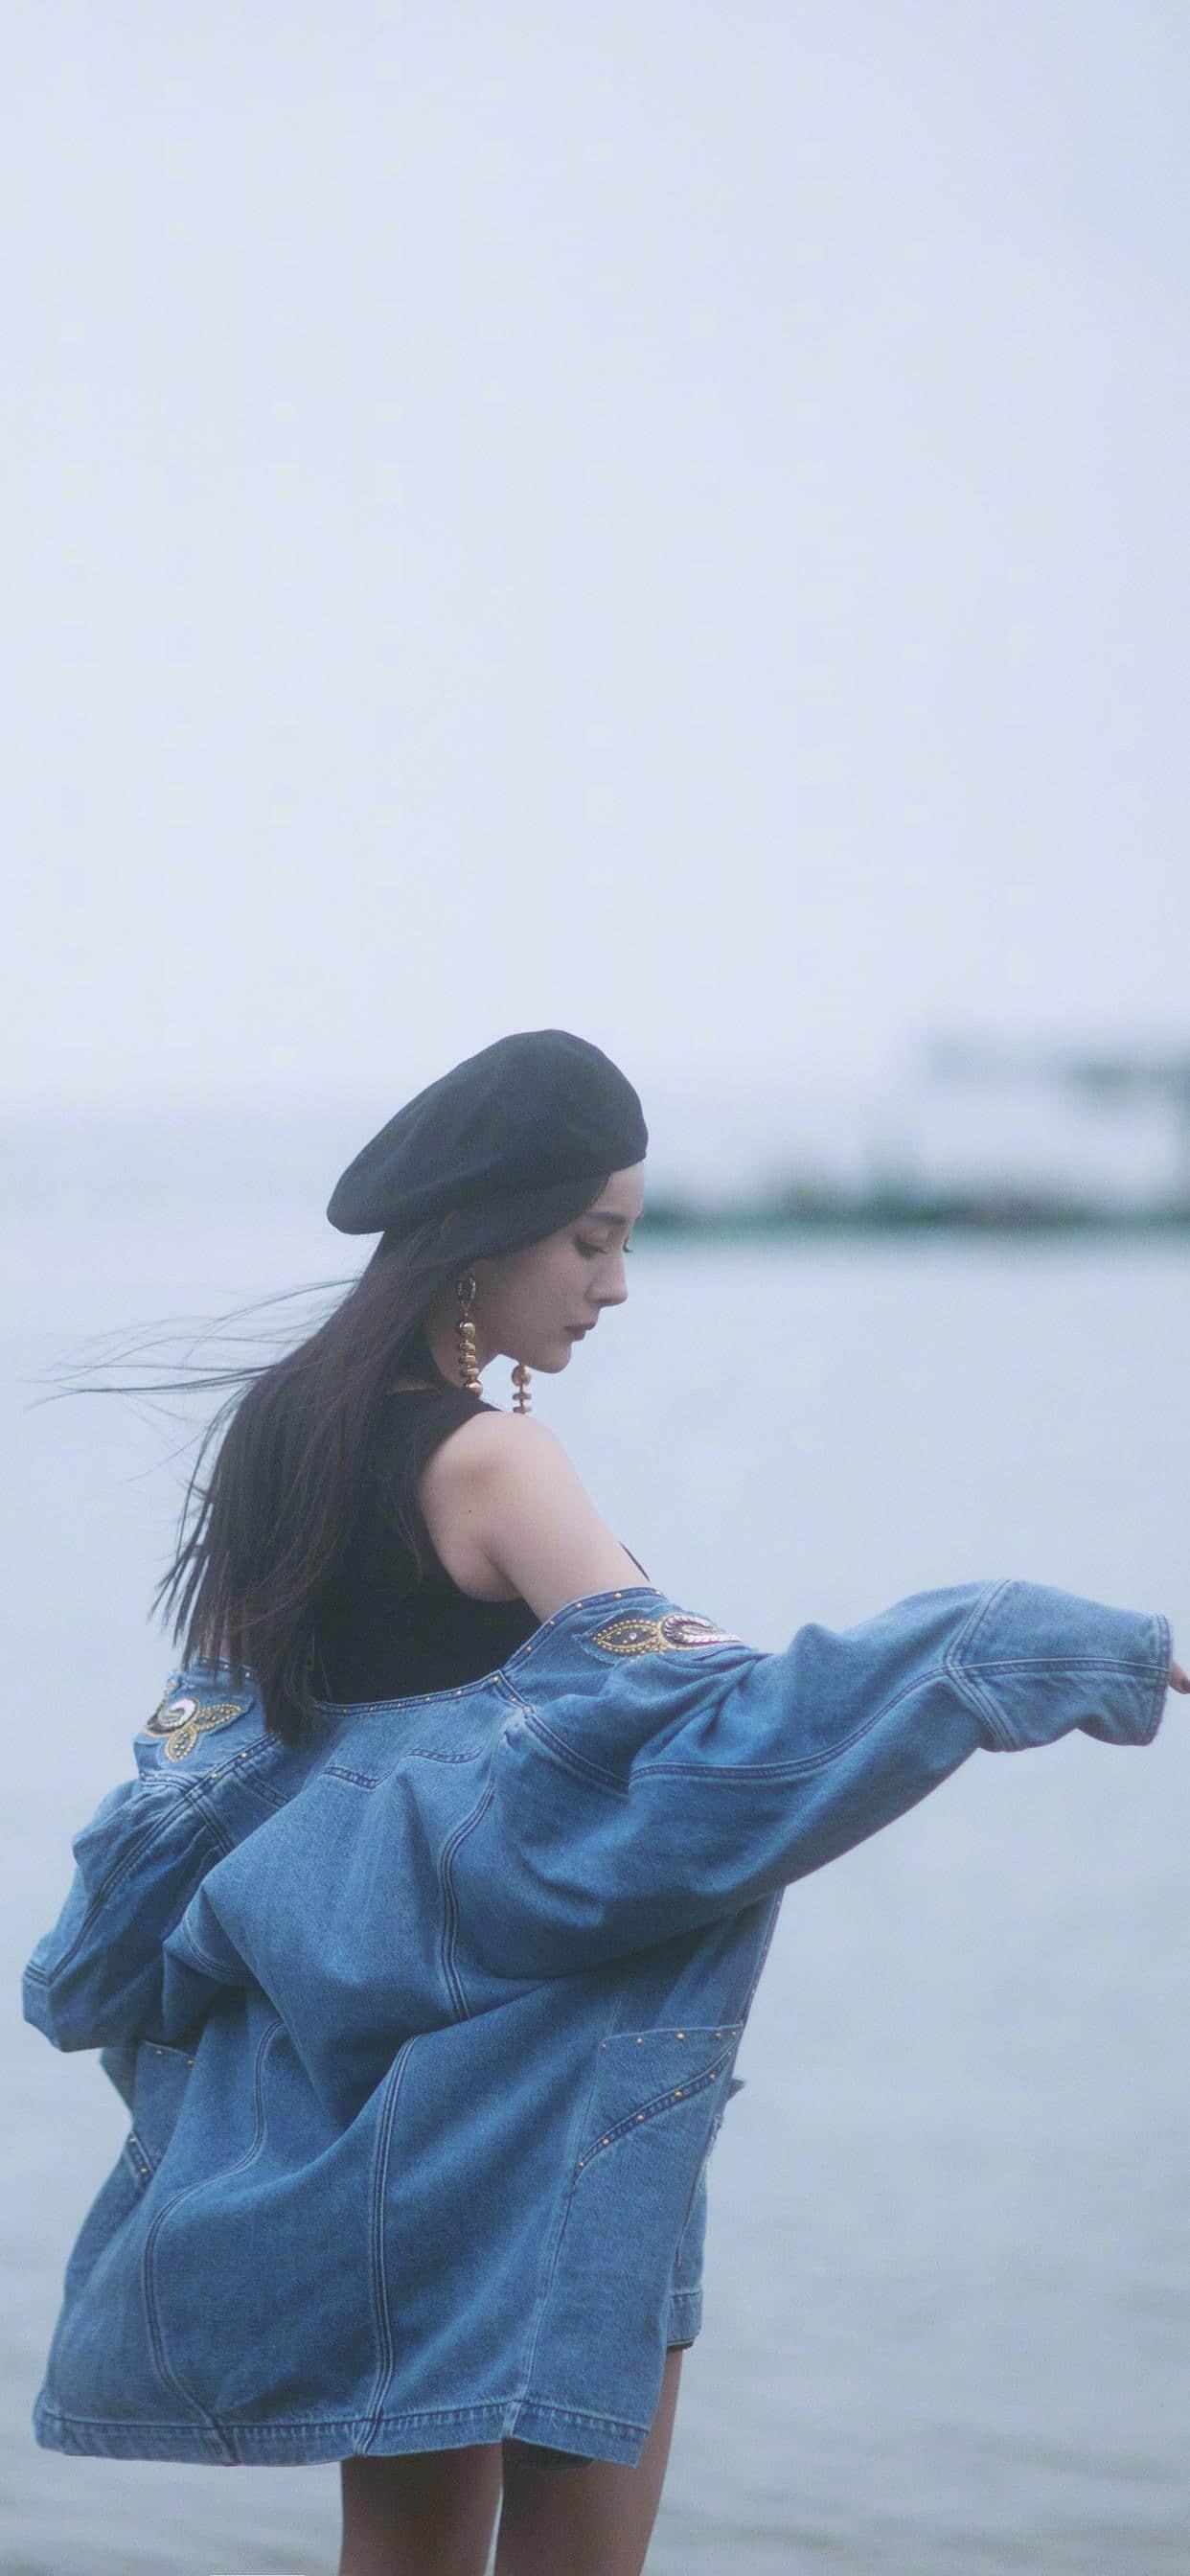 杨幂海边牛仔短裙写真壁纸长发在风中凌乱(10张)